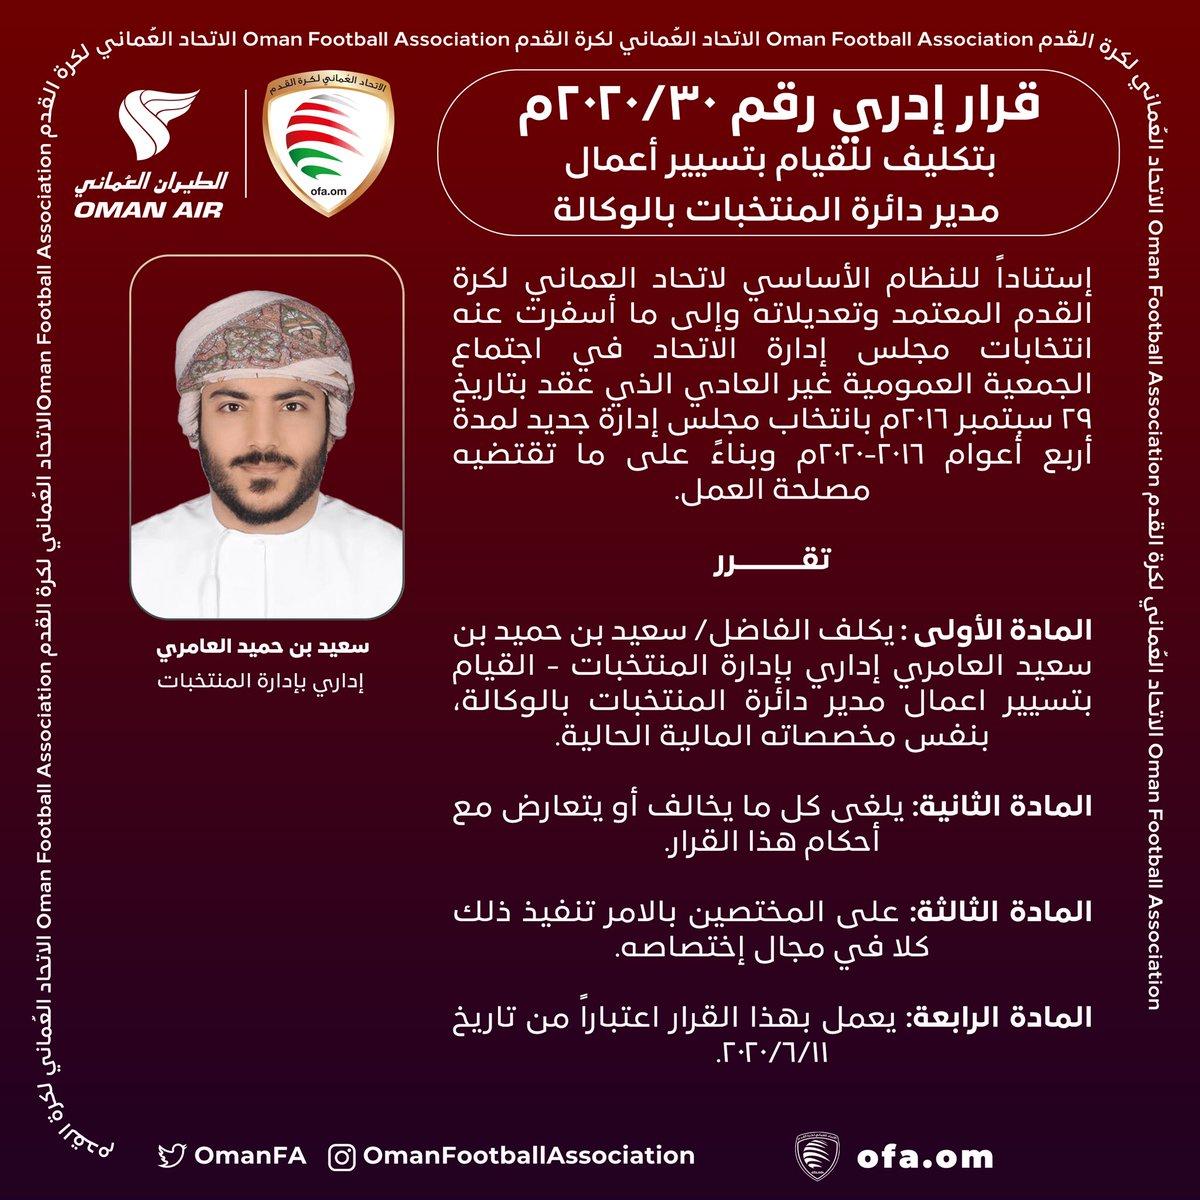 📌 تكليف سعيد بن حميد العامري للقيام بتسيير أعمال مدير دائرة المنتخبات بالوكالة.